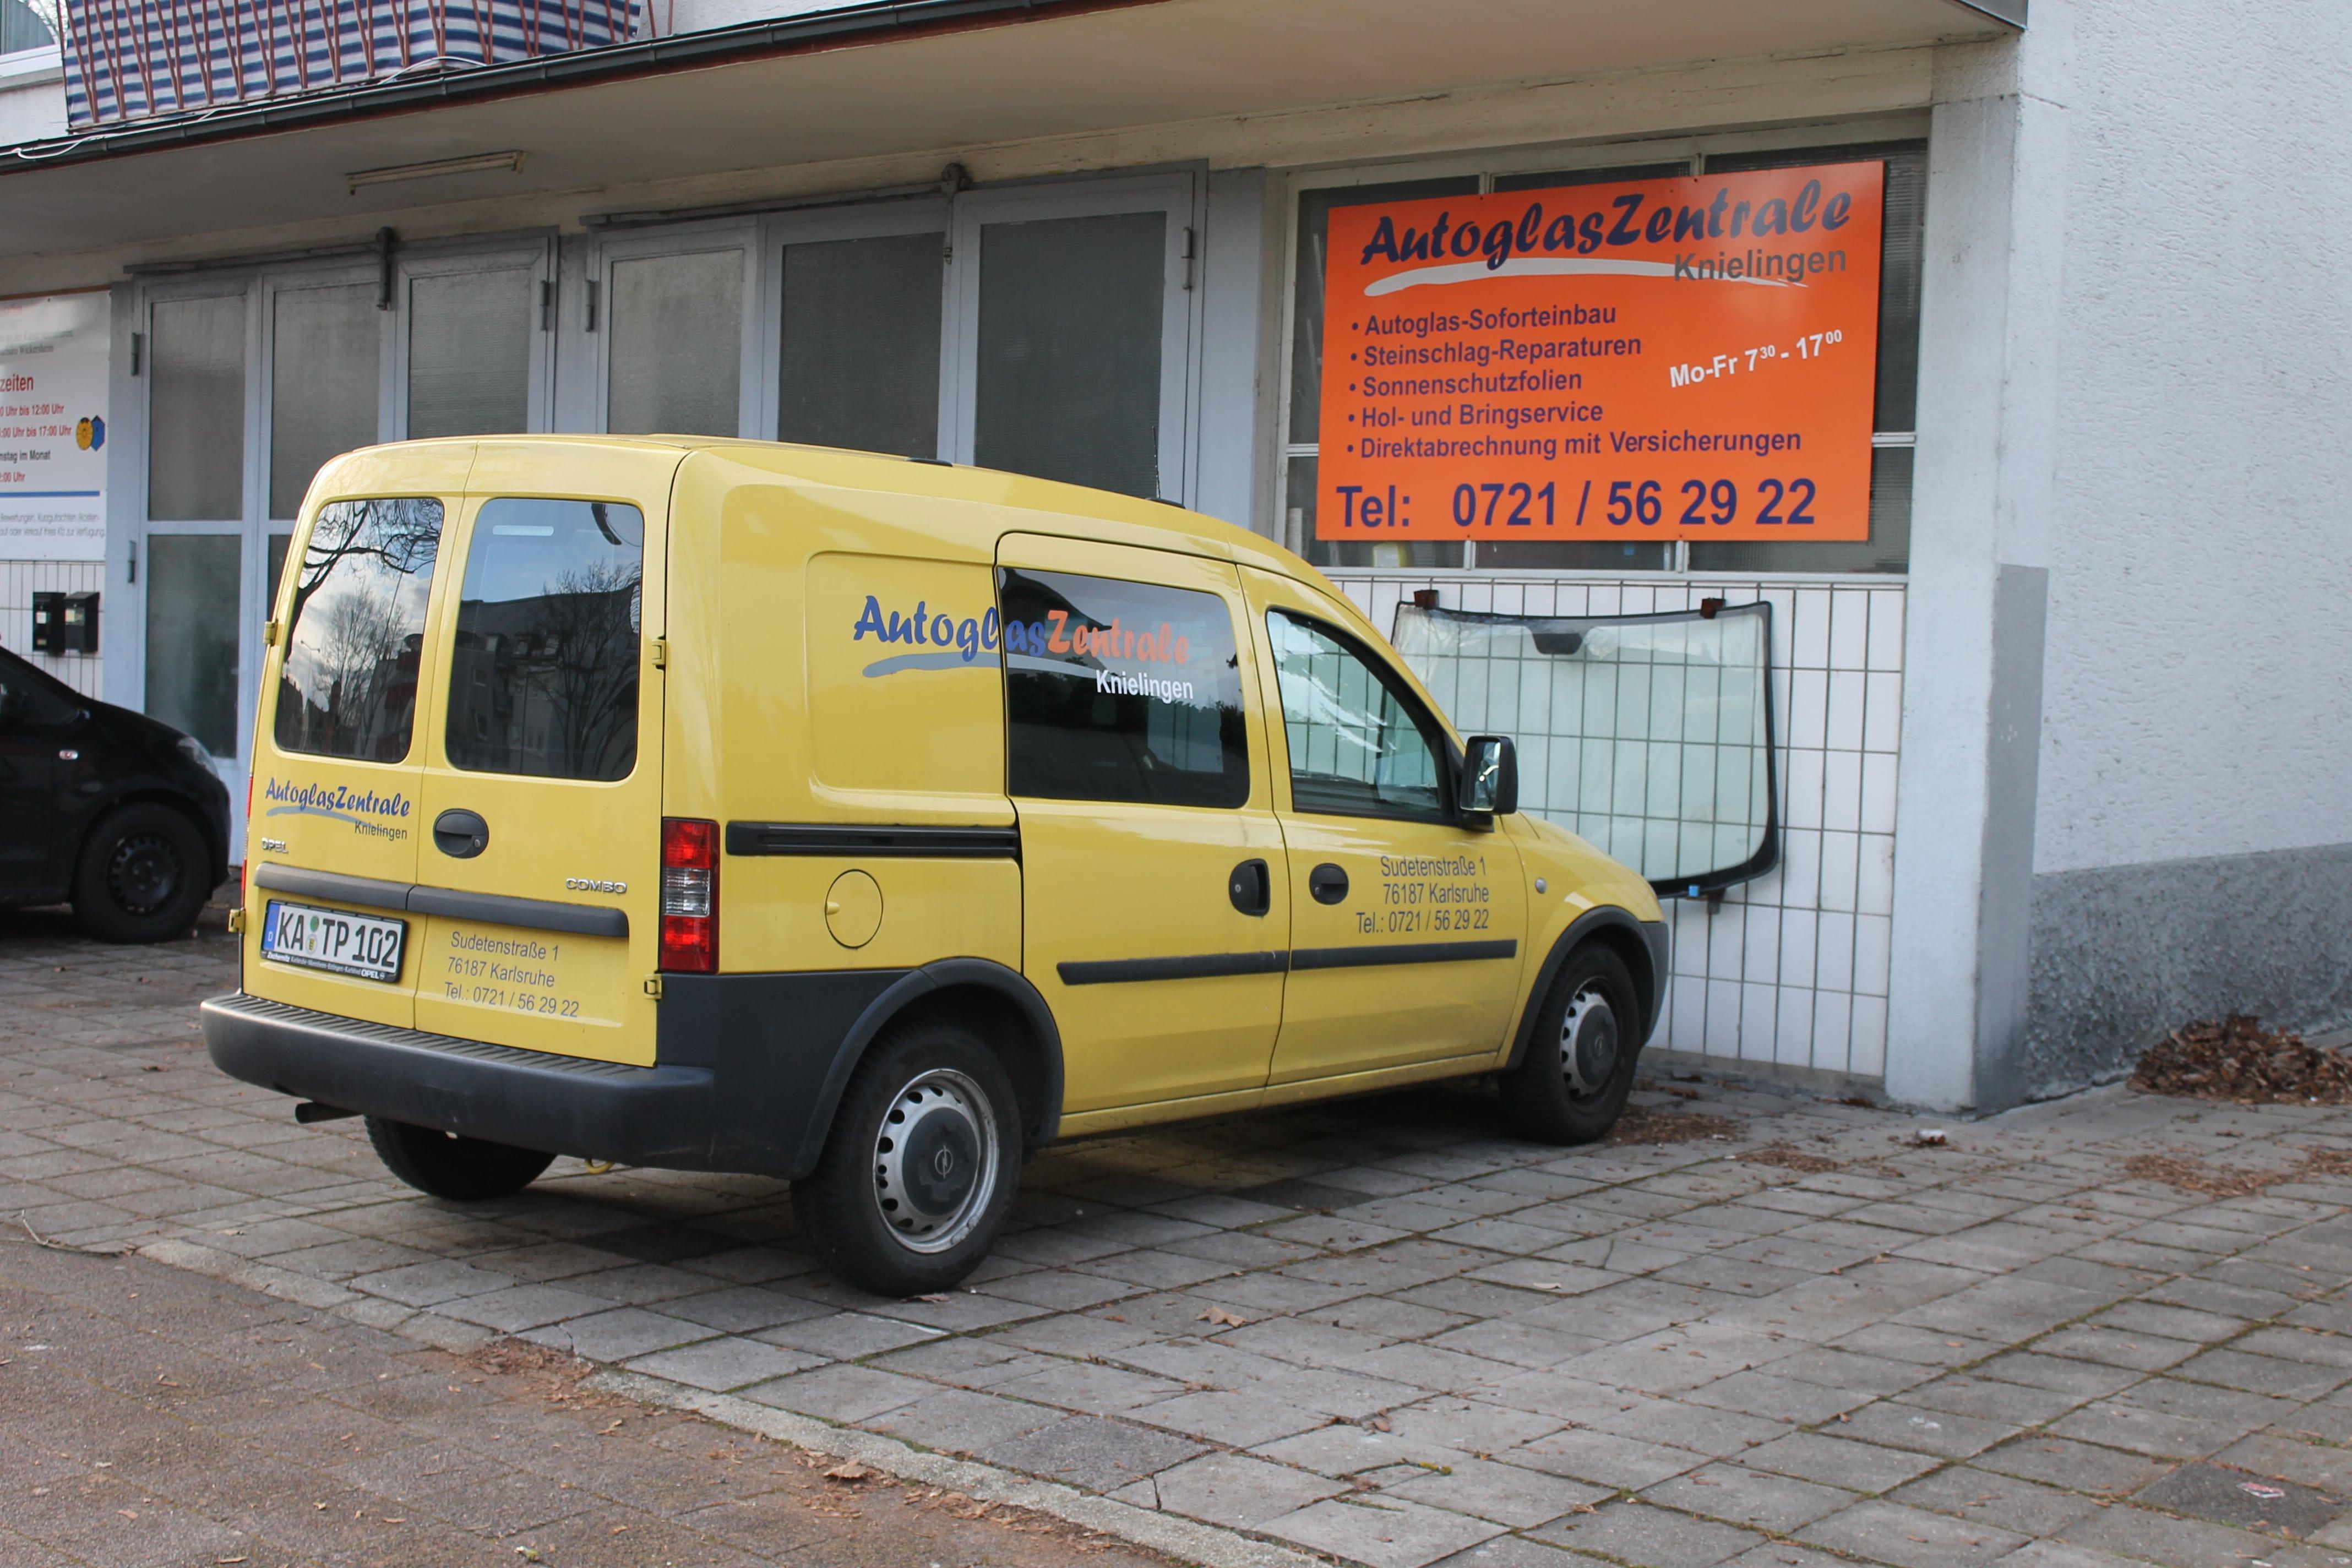 Autoglas Zentrale Karlsruhe sehr schneller Soforteinbau von Autoglas in Karlsruhe